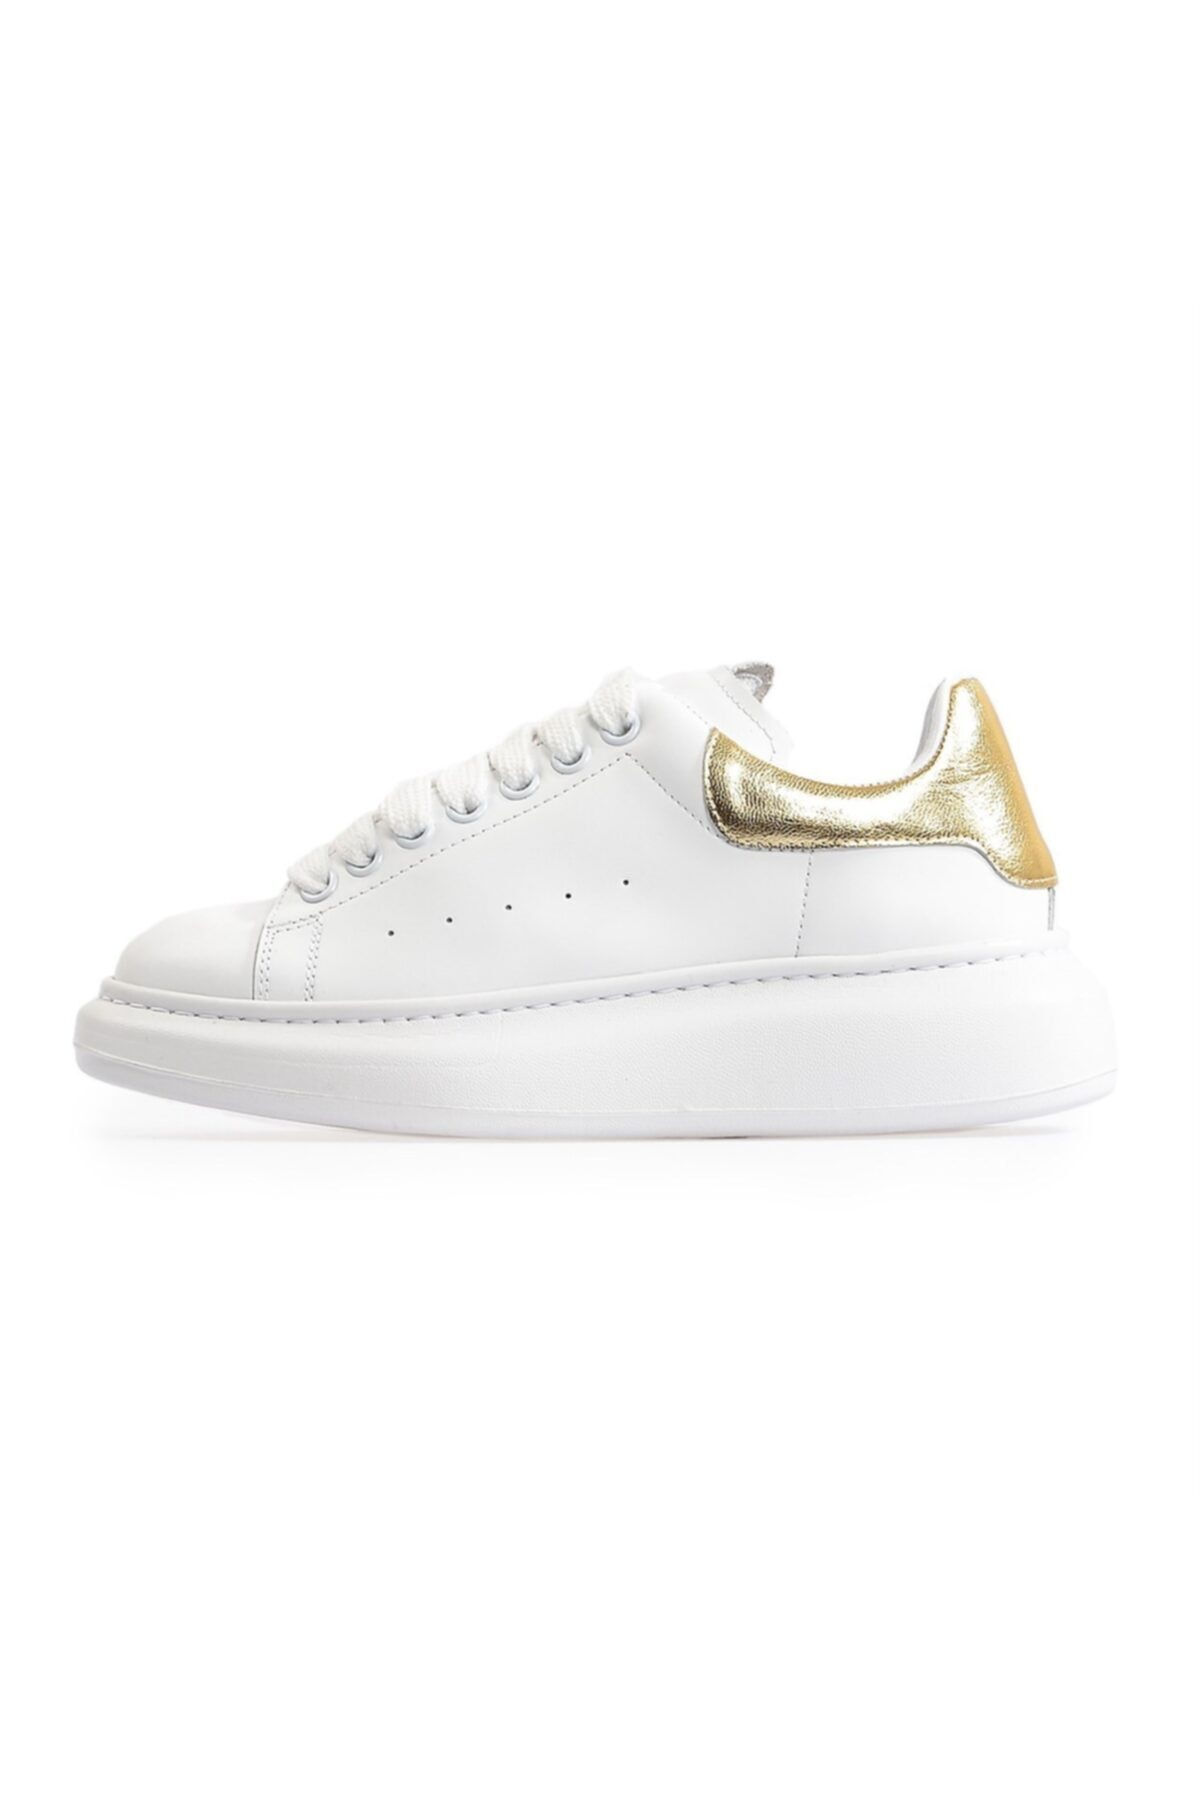 Flower Kadın Beyaz Yüksek Tabanlı Spor Ayakkabı 2